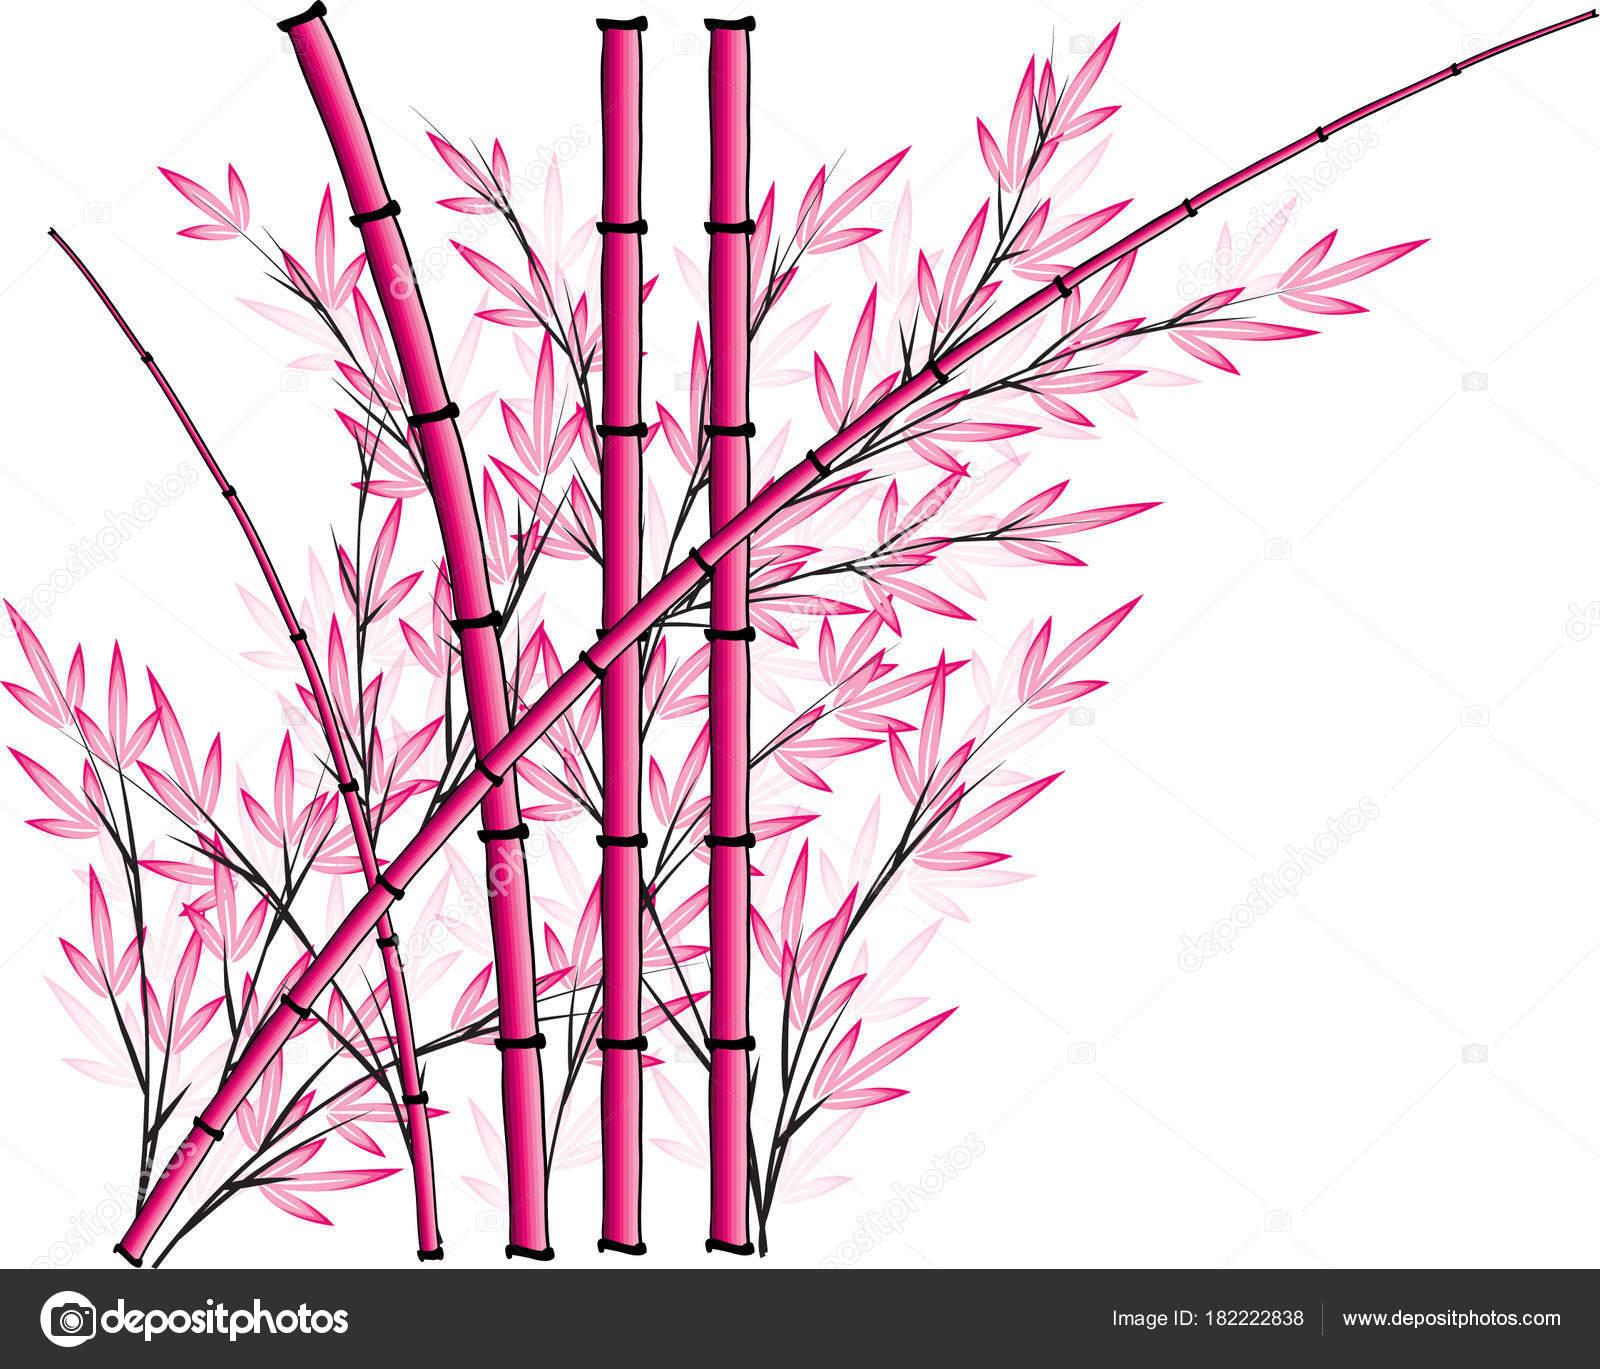 Bambus Vektor Zeichenprogramm Hintergrund Design Ikone — Stockvektor ...